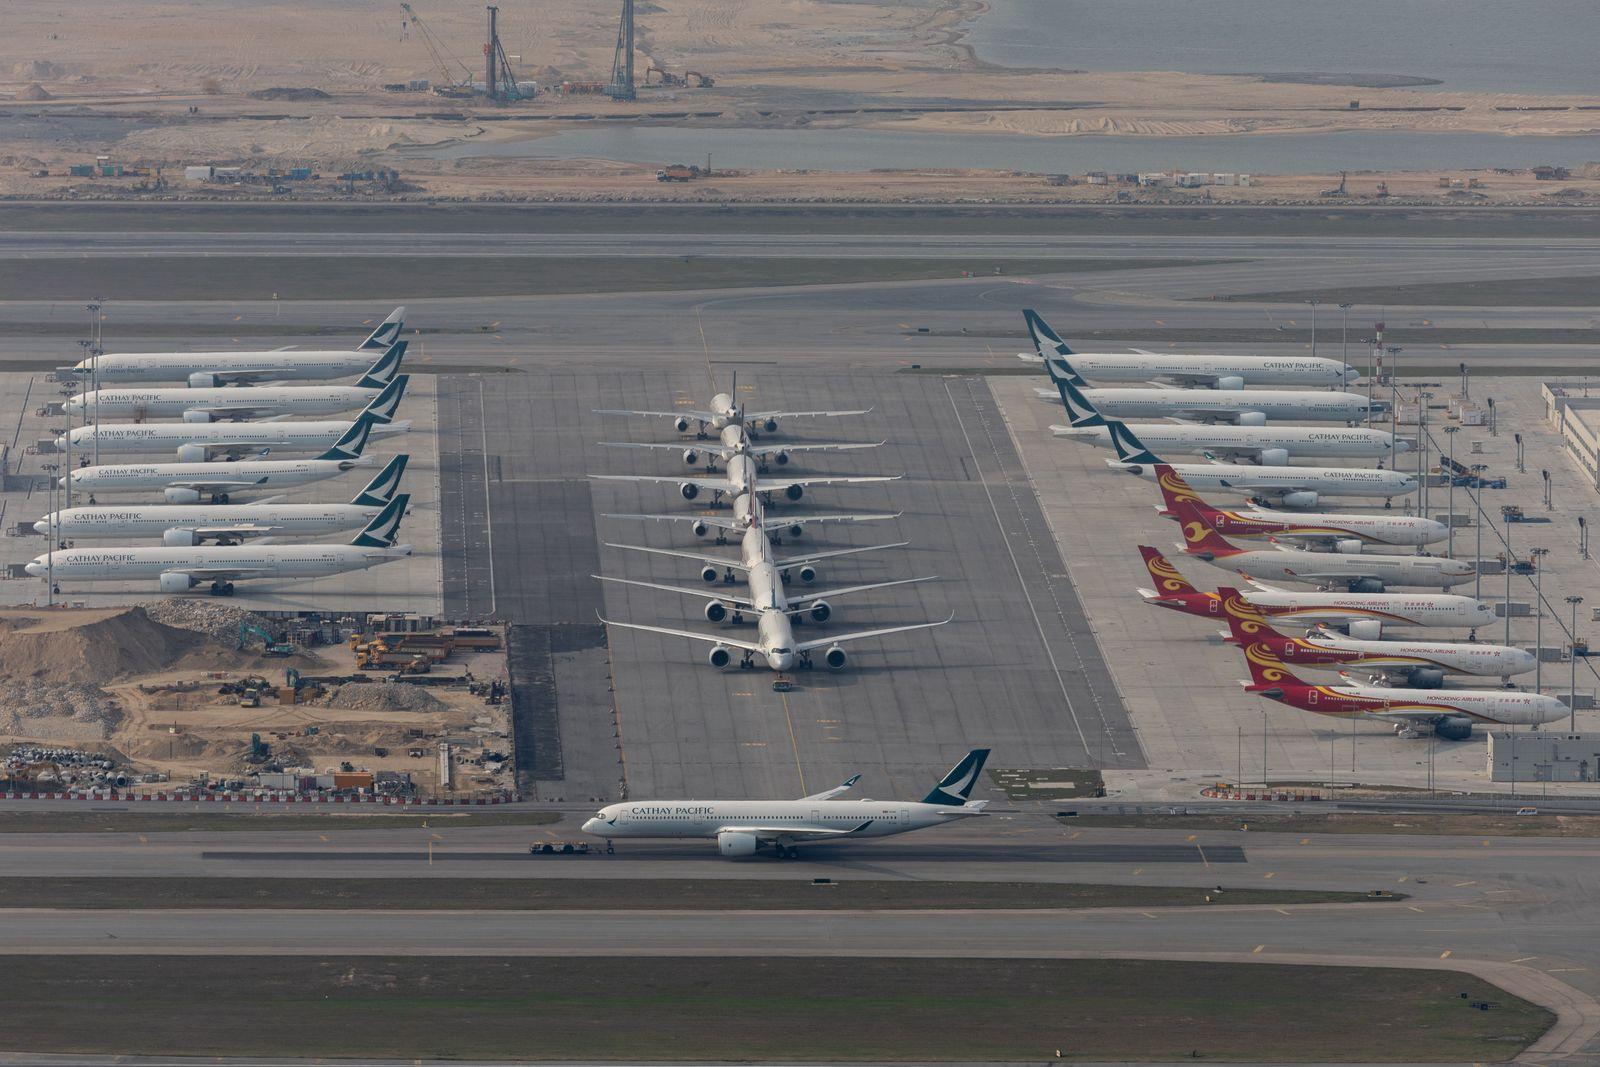 Cathay Pacific planes parked at Hong Kong International Airport, China - 15 Mar 2020